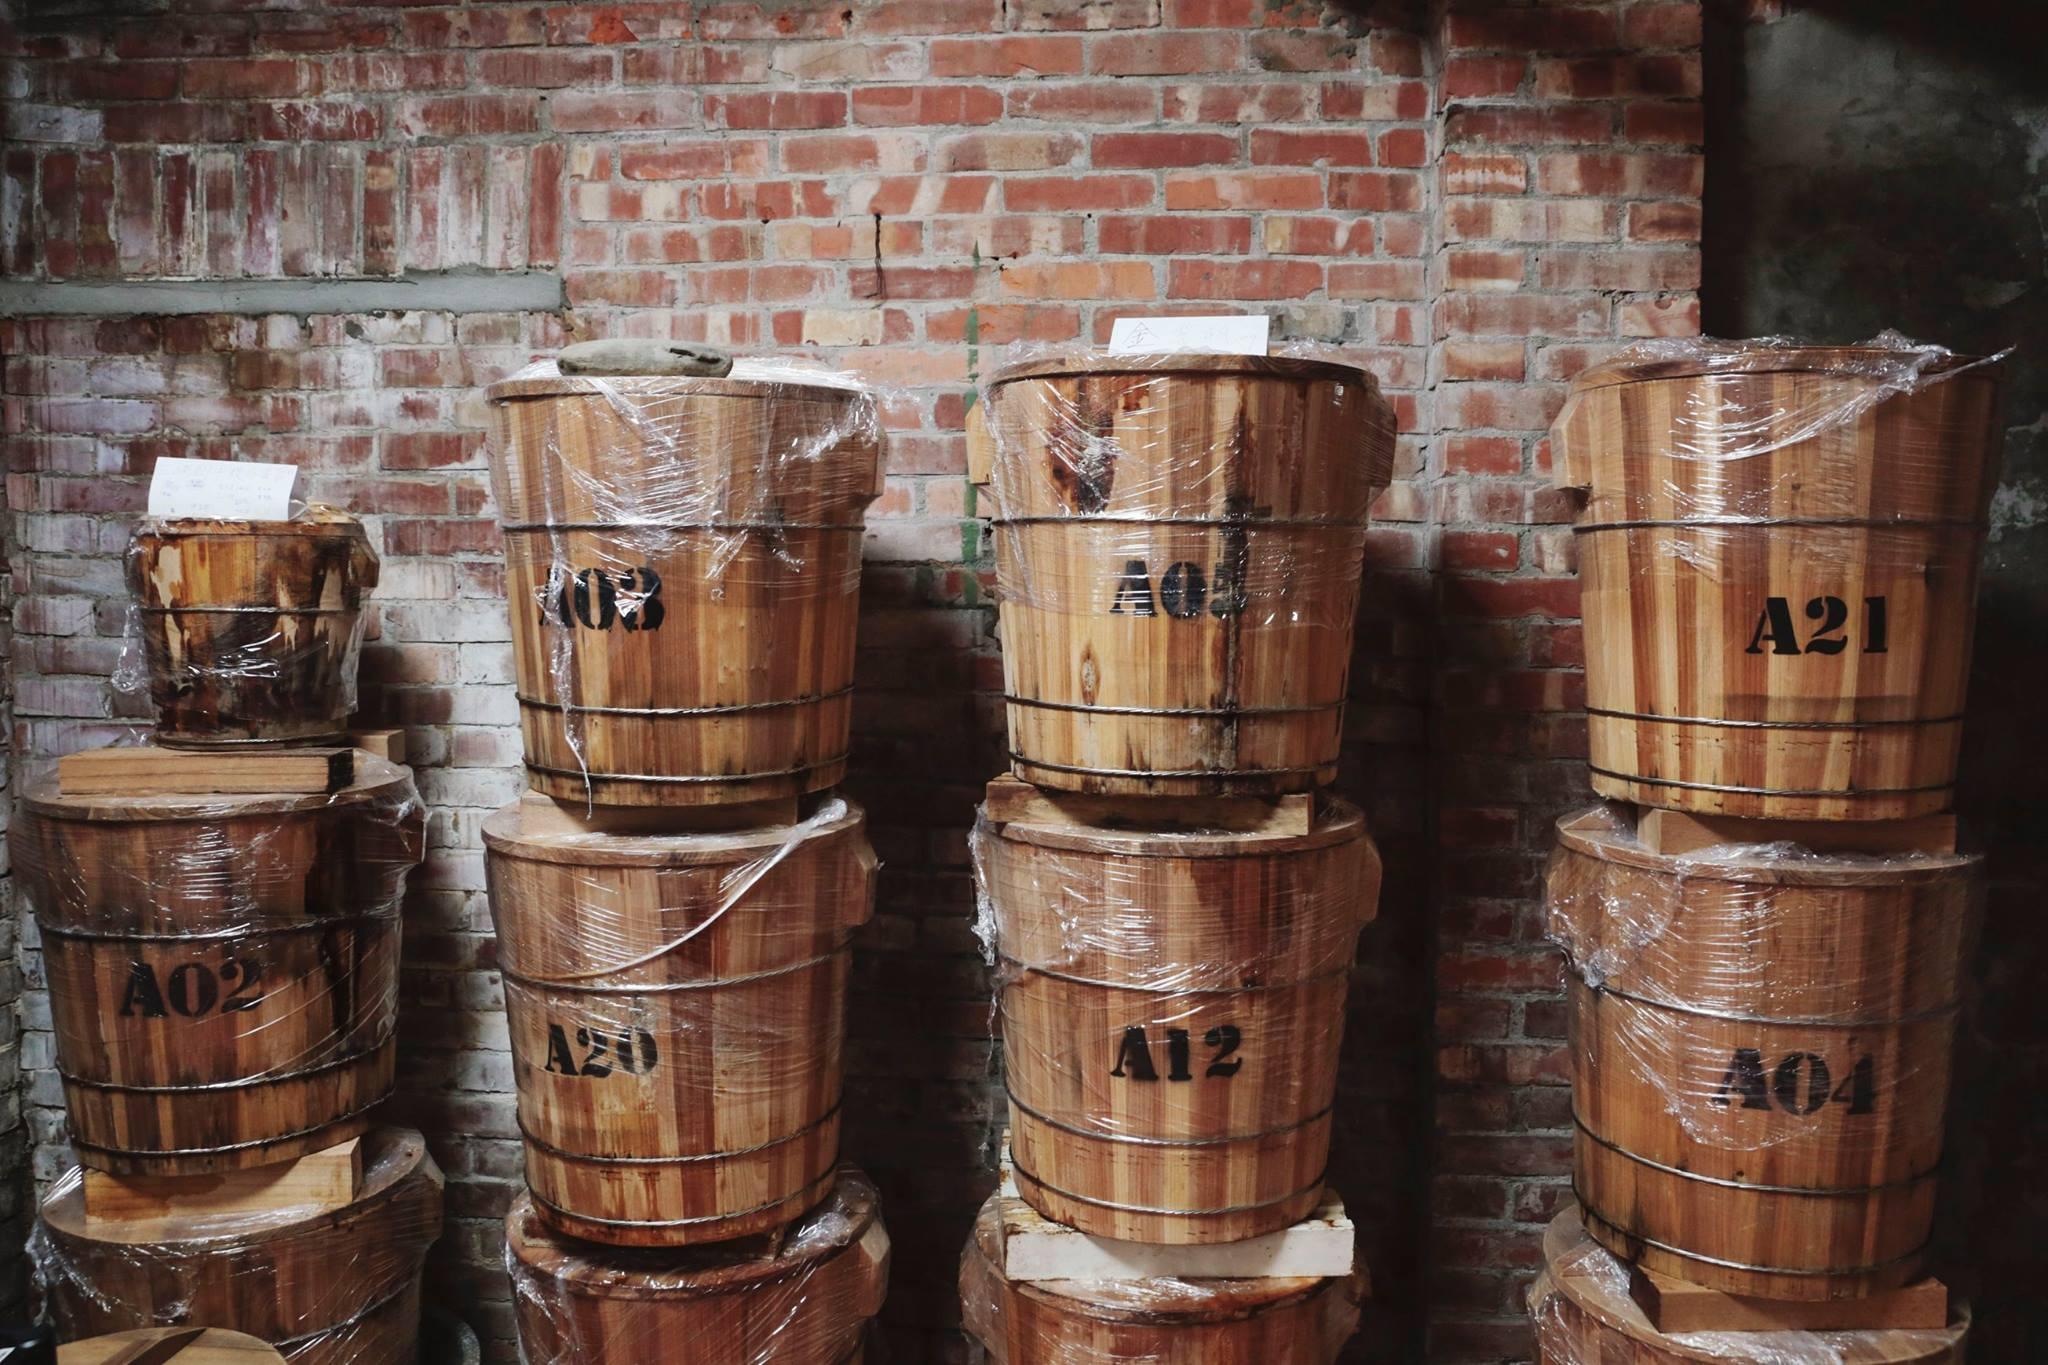 手工木桶封存,時間醞釀 將米麴、黃豆、鹽巴,封存在三峽老師傅的手工木桶中,並讓益菌自然生成風味,不額外添加任何化學原料。   禾乃川國產豆製所   改變生命的豆漿店